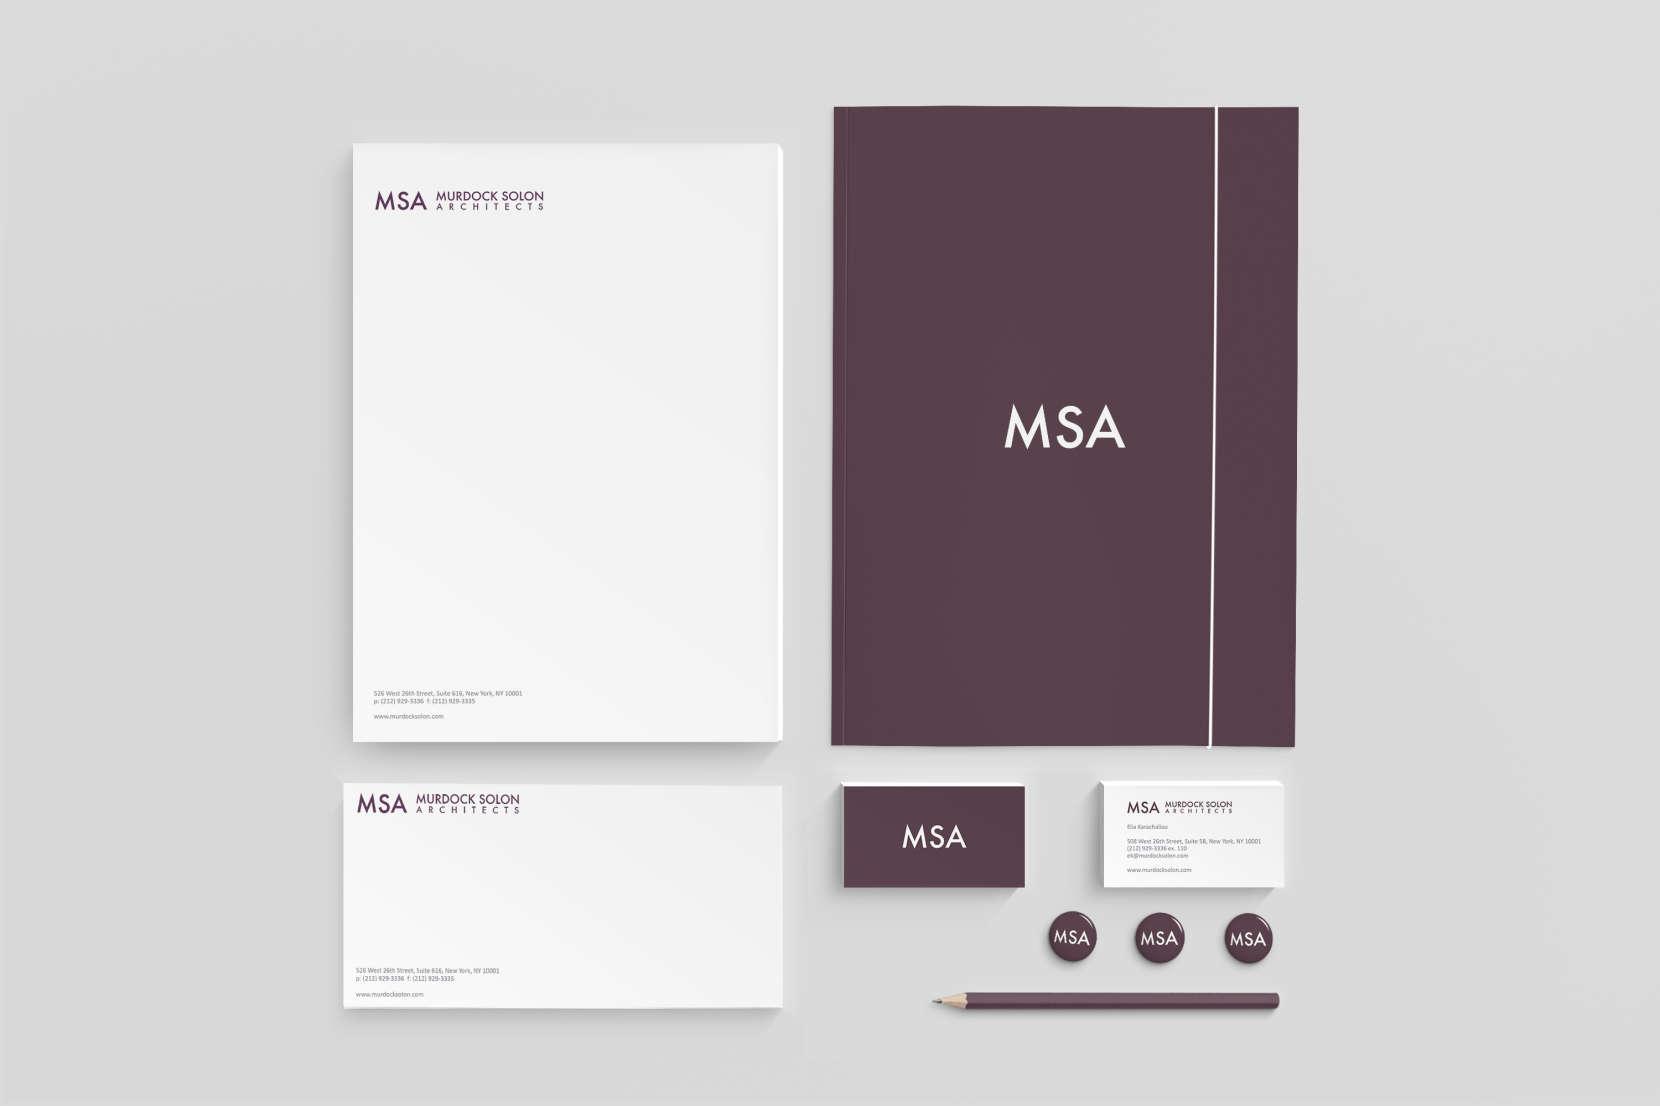 msa-id1-1660x1106.jpg